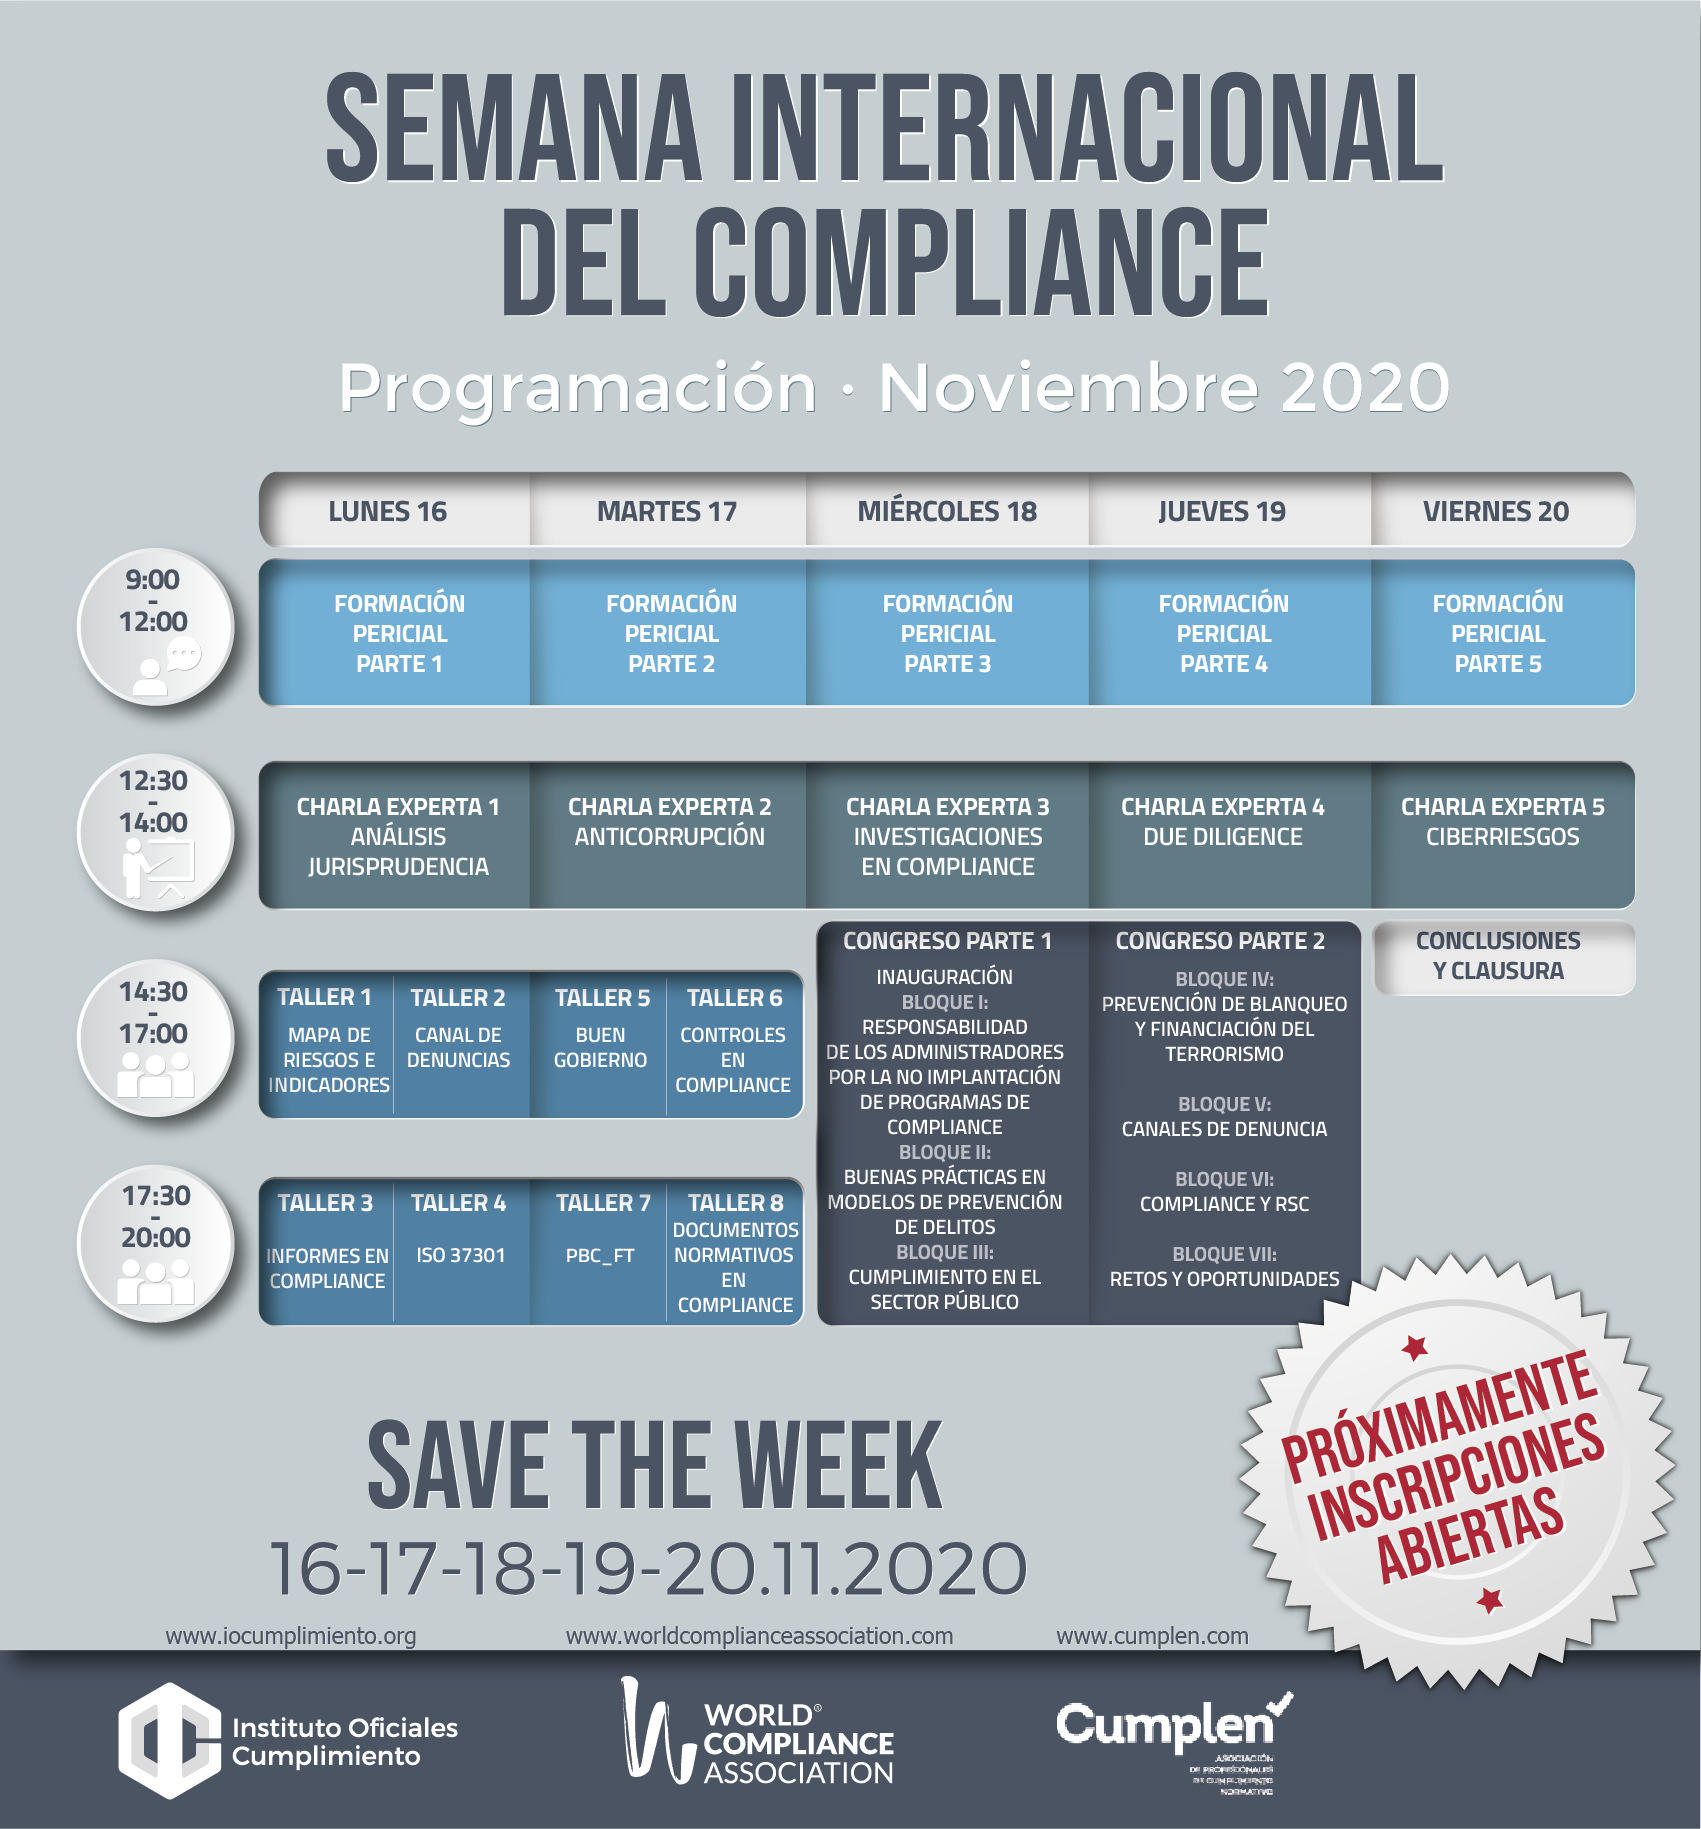 Programación I Semana Internacional de Compliance - noviembre 2020